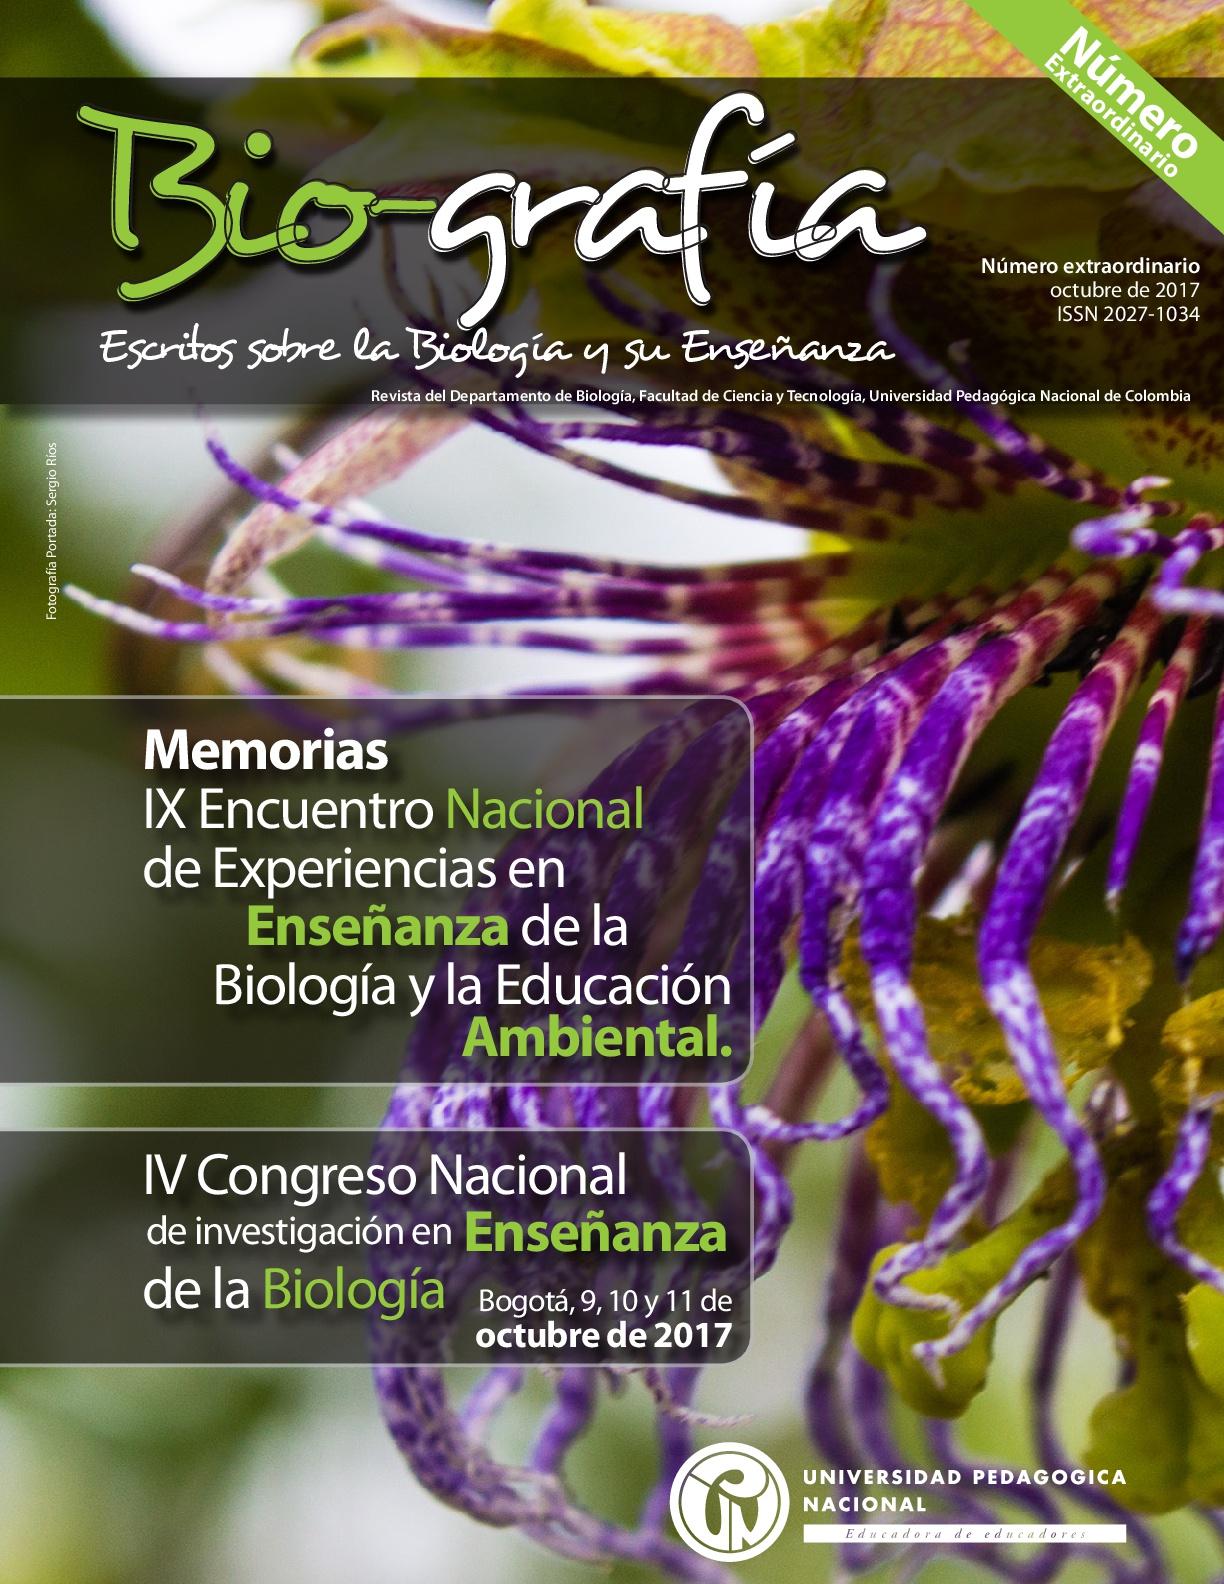 Ver 2017: Número Extraordinario, IV Congreso Nacional de Investigación en Enseñanza de la Biología. (Bogotá, 9,10,11 de octubre de 2017)